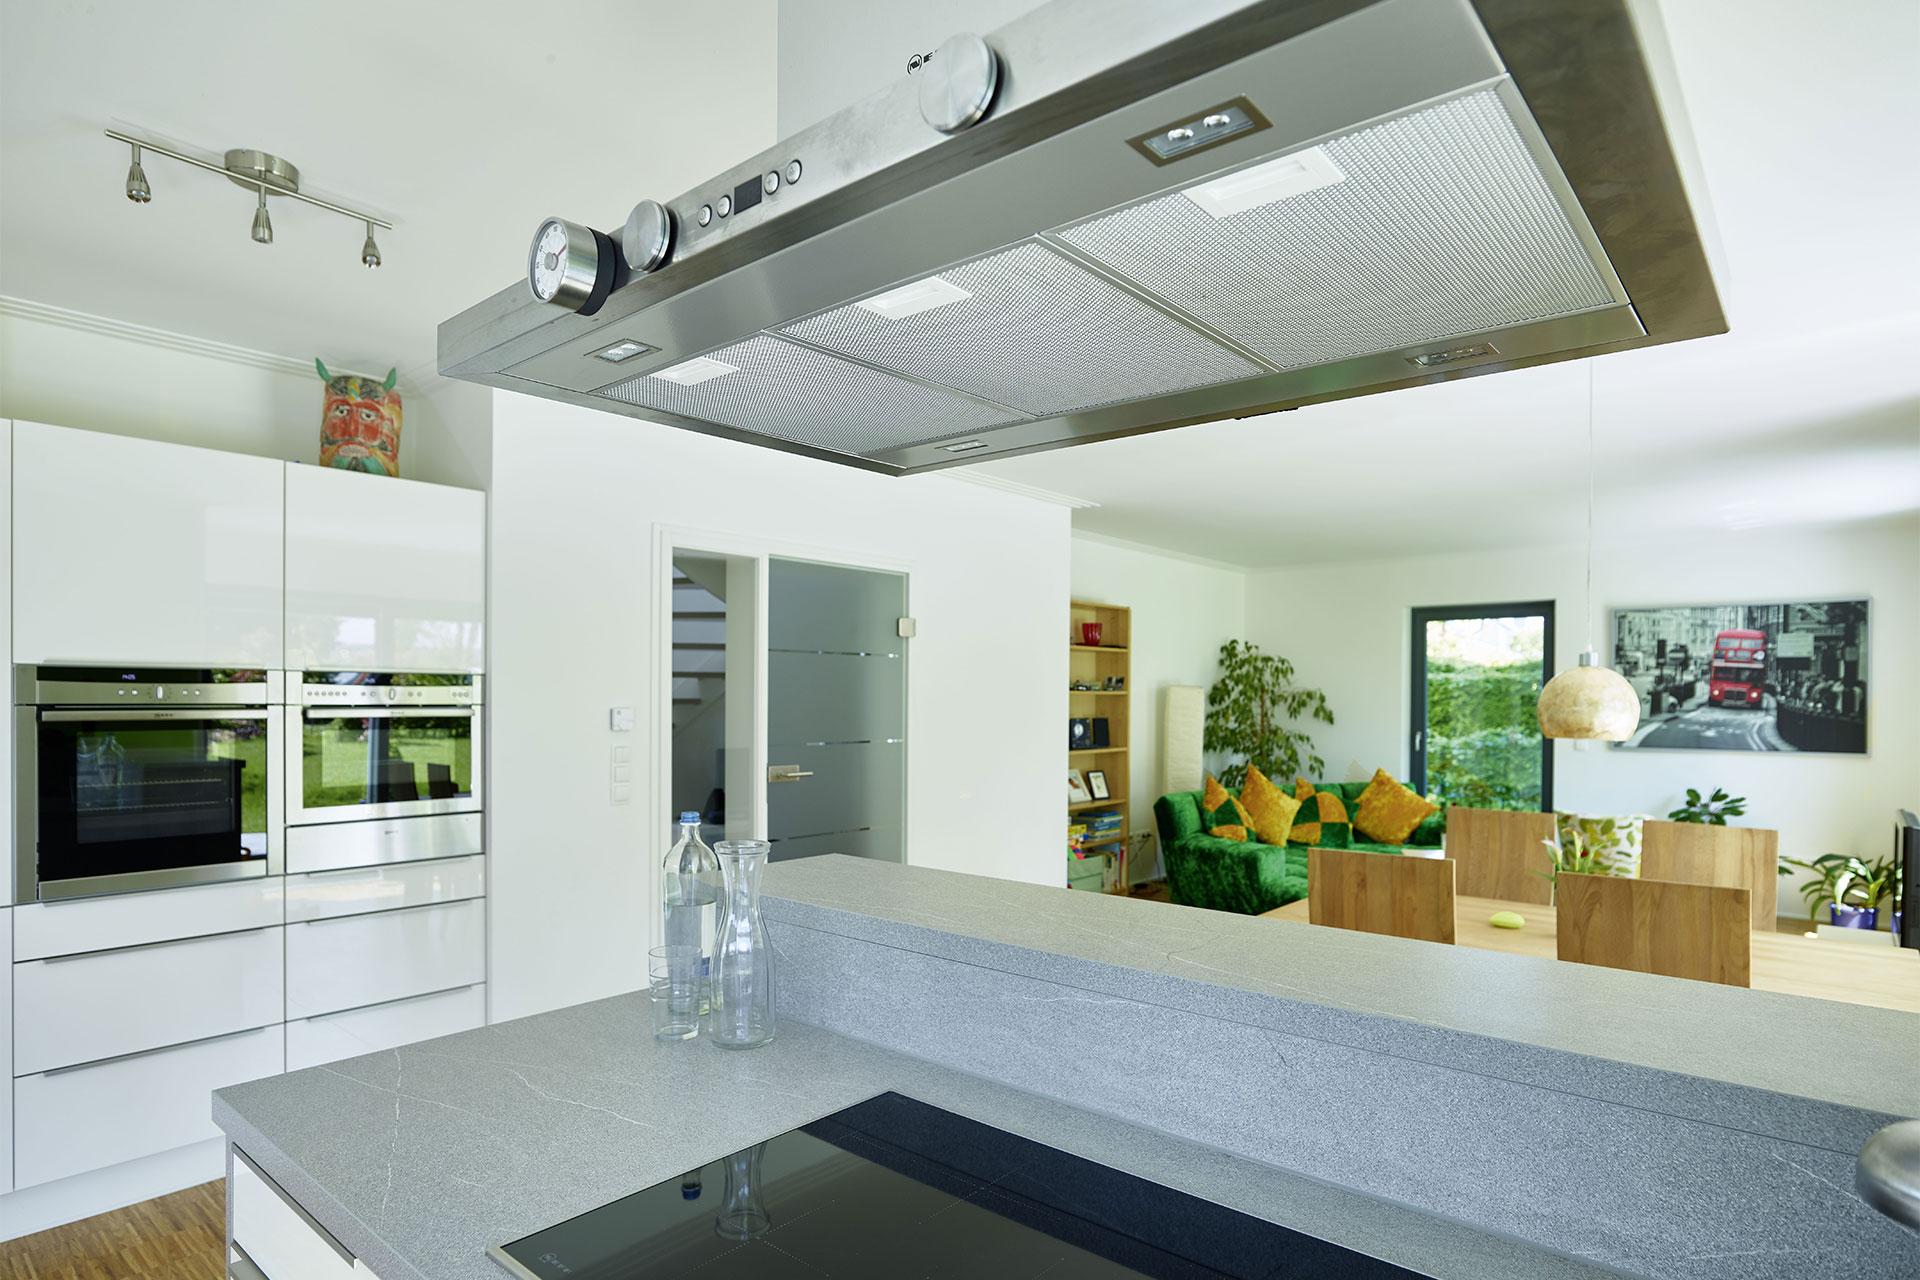 ma geschneidertes einfamilienhaus burbach ein fertighaus. Black Bedroom Furniture Sets. Home Design Ideas